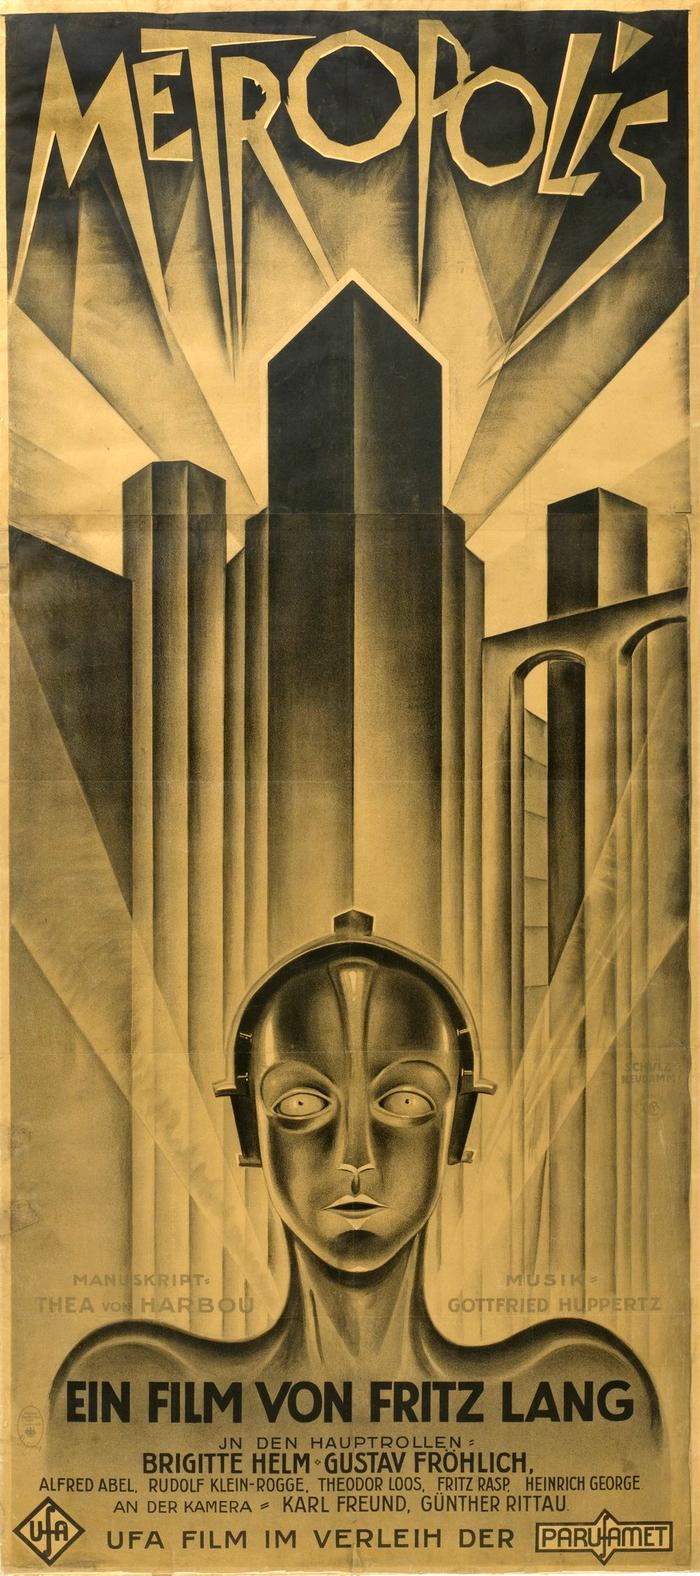 «Метрополис». Киноплакат. Германия, 1926 Германия, Немецкие плакаты, Немецкое кино, Экспрессионизм, Киноплакат, Длиннопост